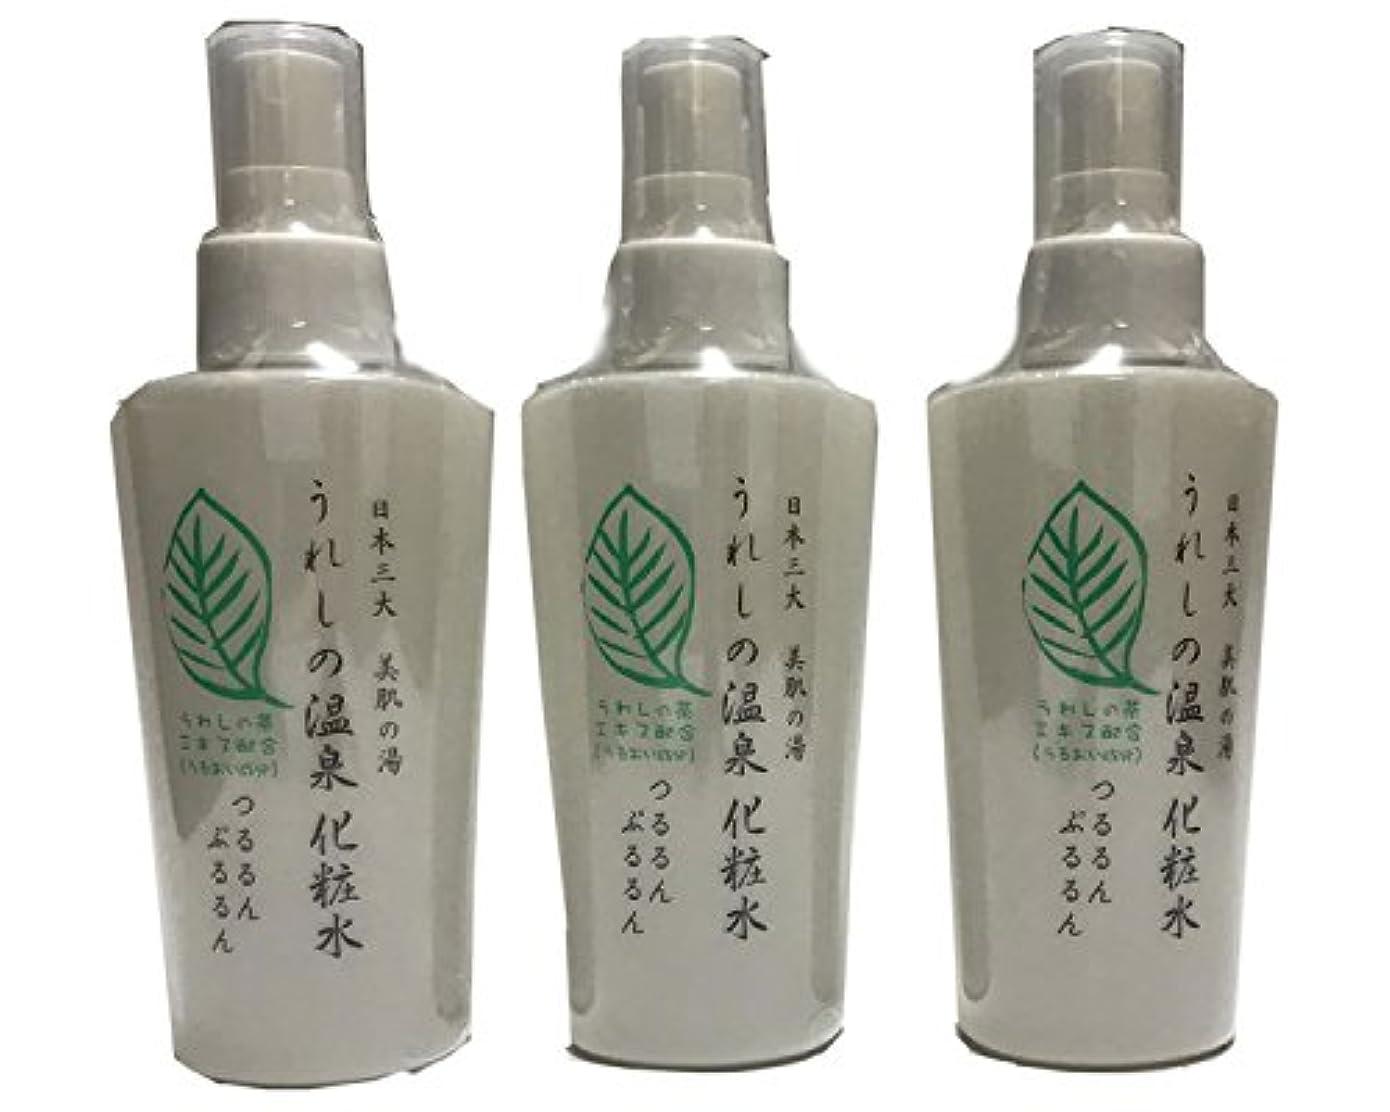 求める促進する改善する嬉野温泉 うれしの温泉化粧水 3本セット